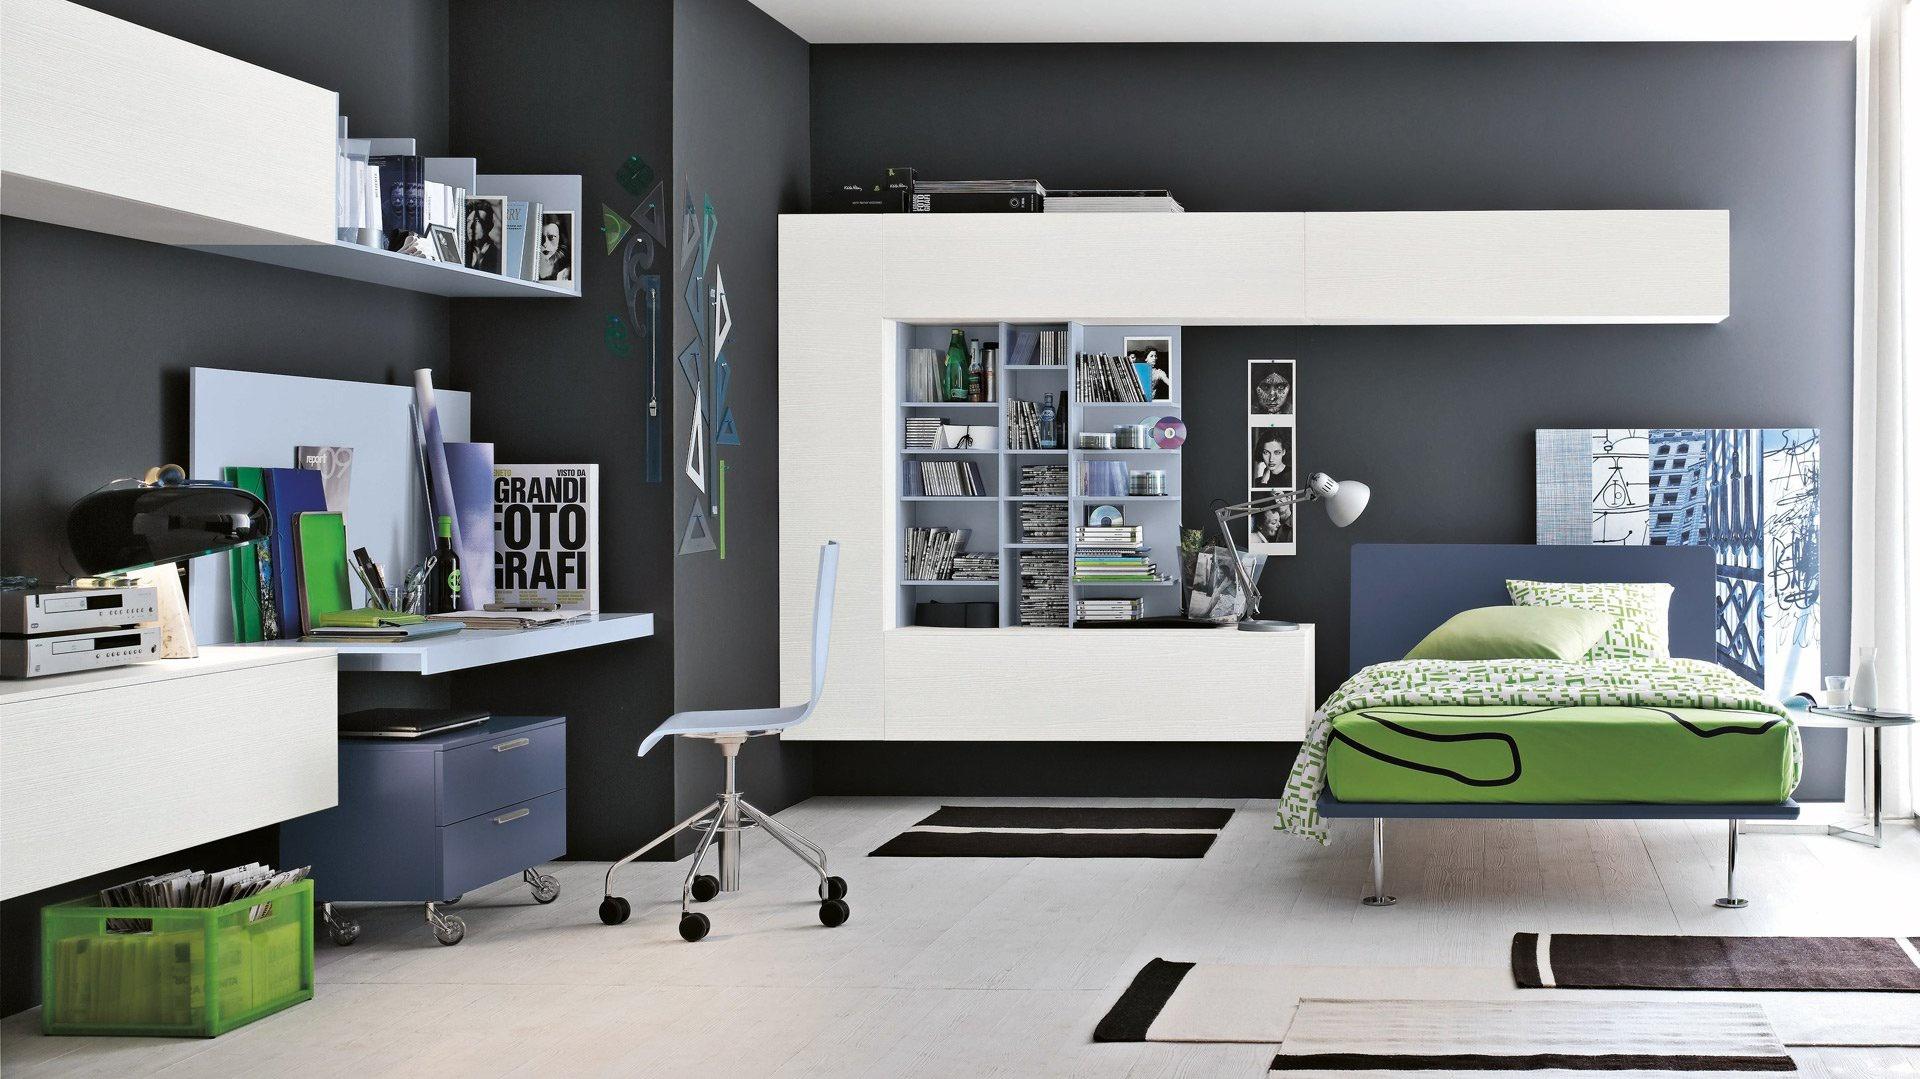 Szare ściany stanowią znakomite tło dla jasnych mebli i zielonych detali. Fot. Tomasella.